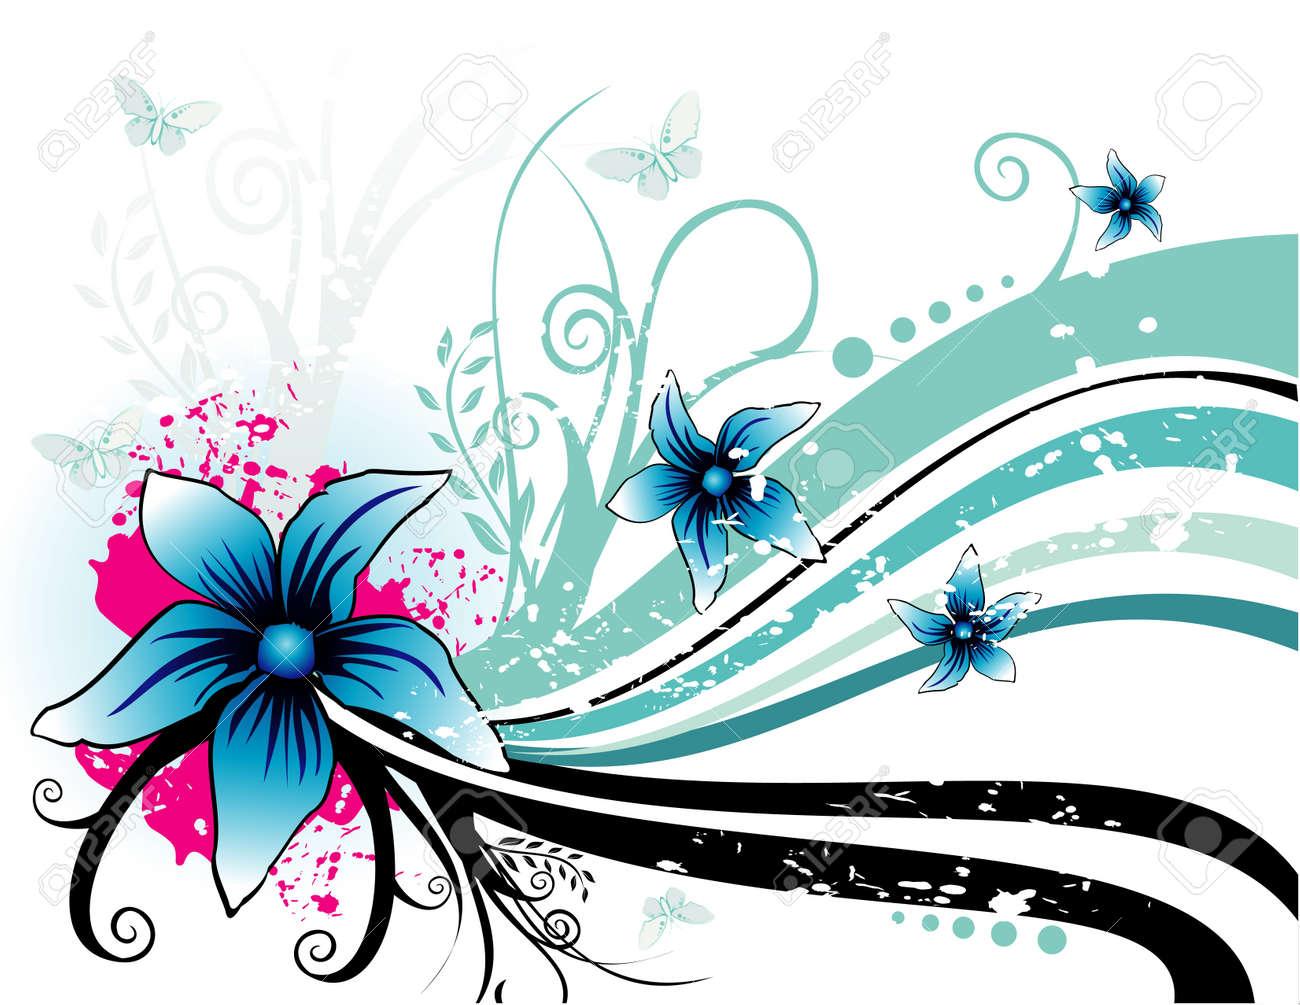 クールな背景を持つ花のベクトル イラストのイラスト素材ベクタ